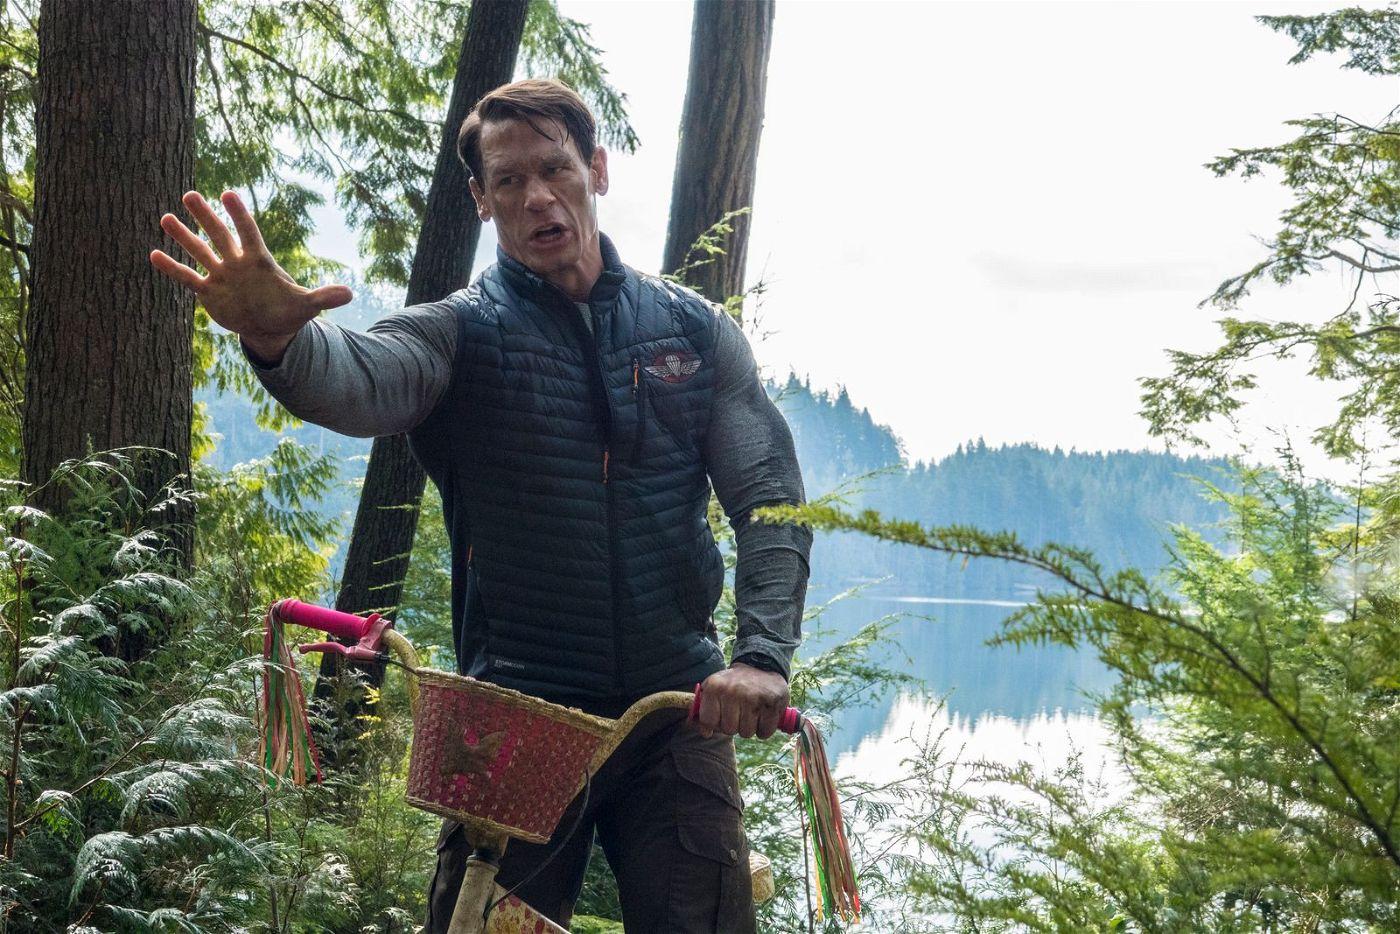 Um sein Quad einzuholen, mit dem die Kinder verschwunden sind, tritt Jake (John Cena) kurzerhand in die Pedale eines rosafarbenen Kinderfahrrads.